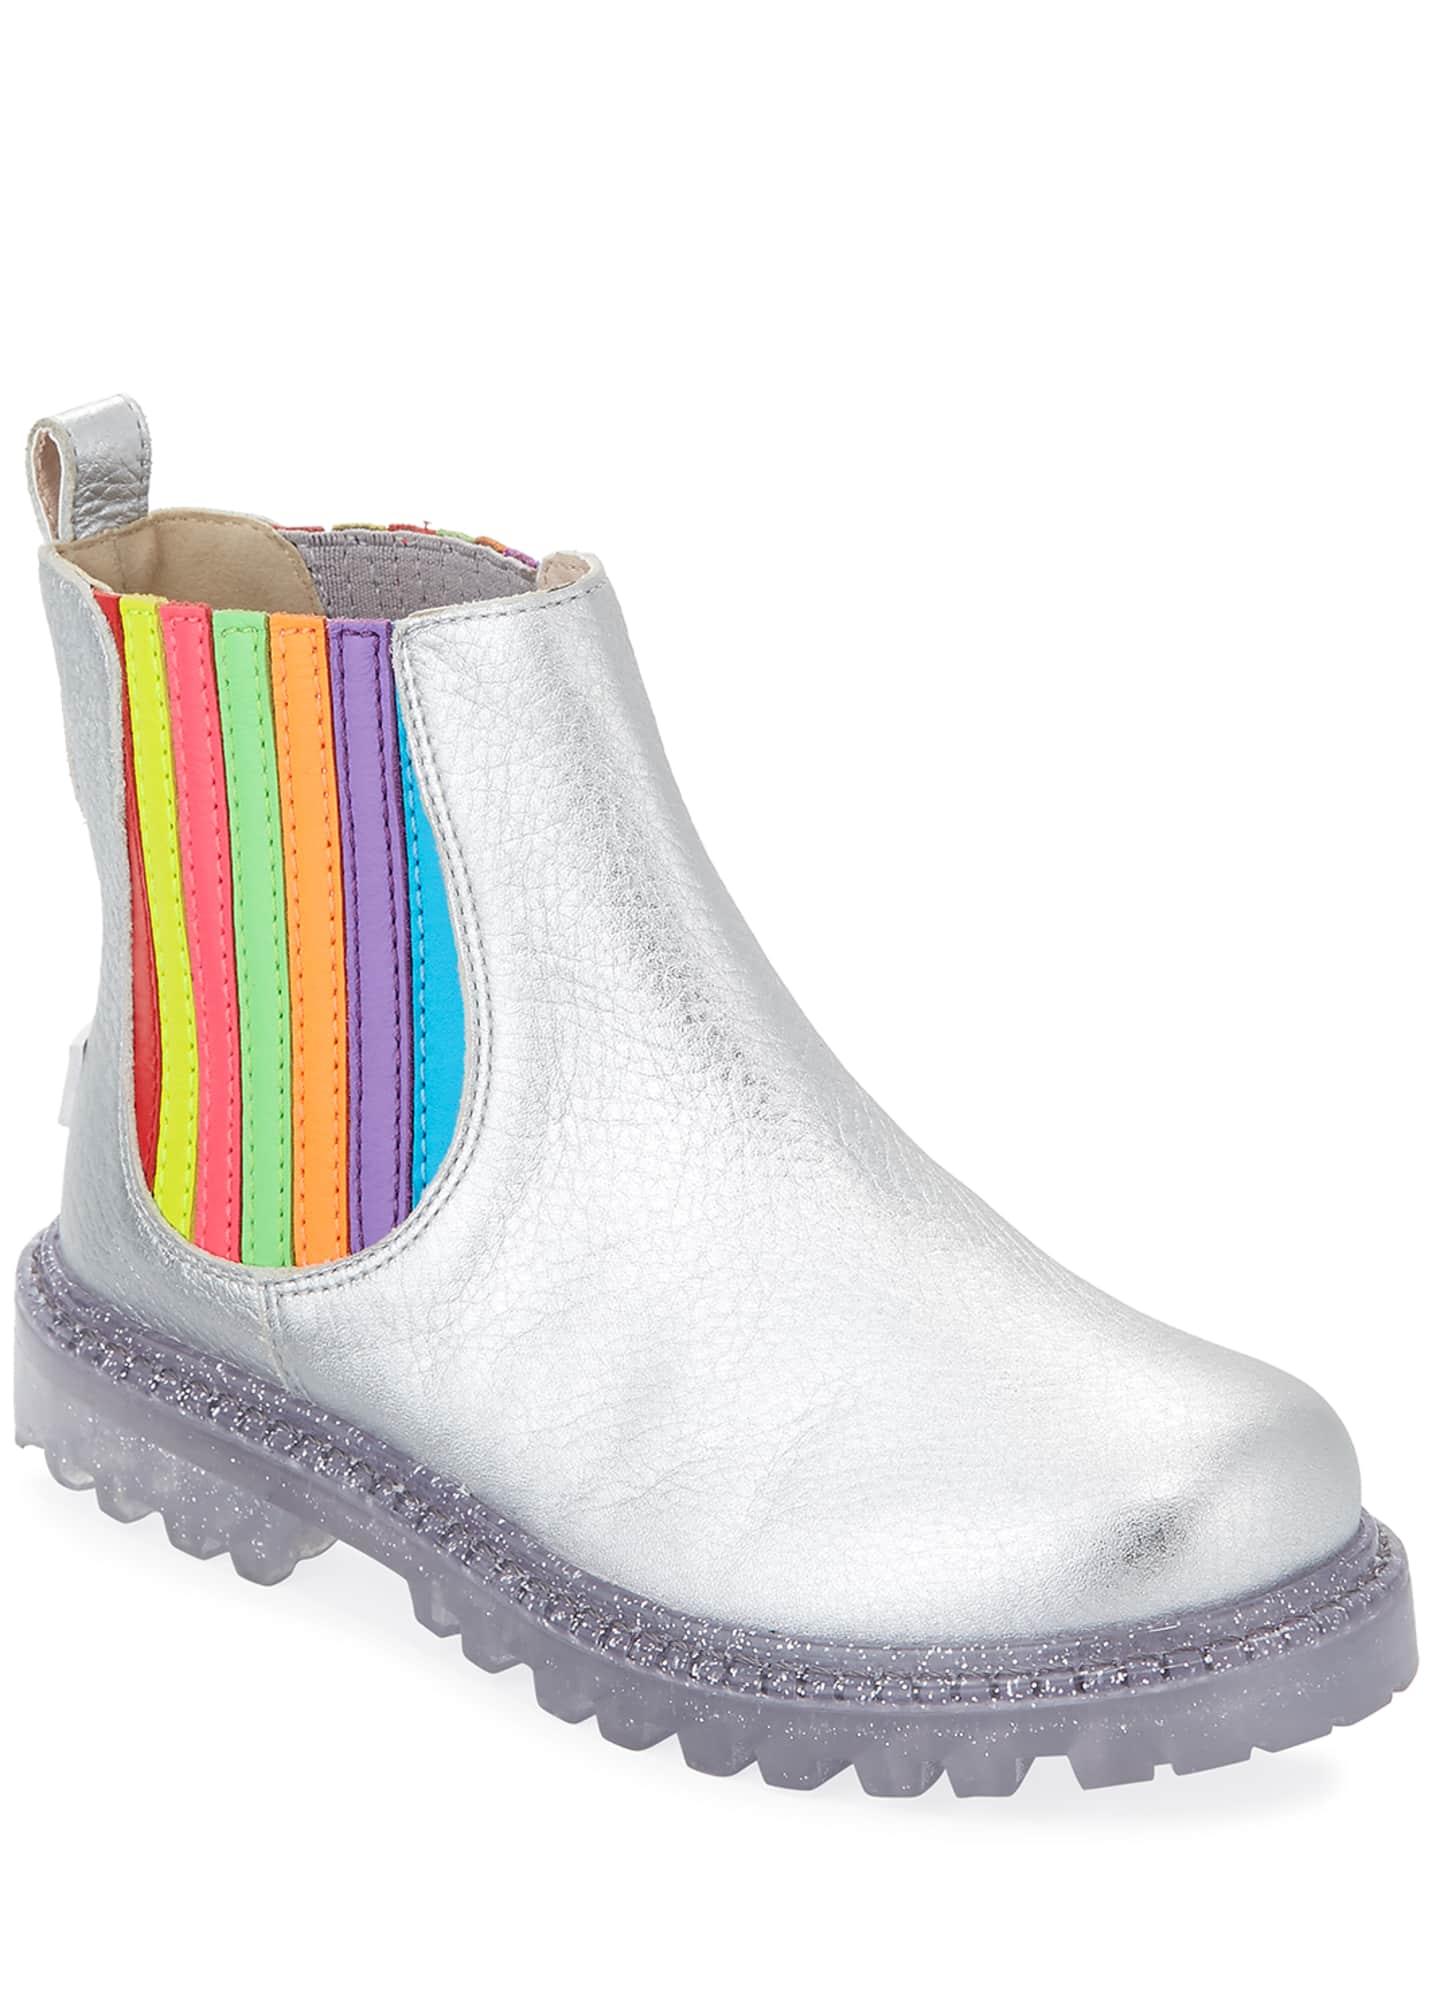 Sophia Webster Lara Rainbow Metallic Leather Boots,